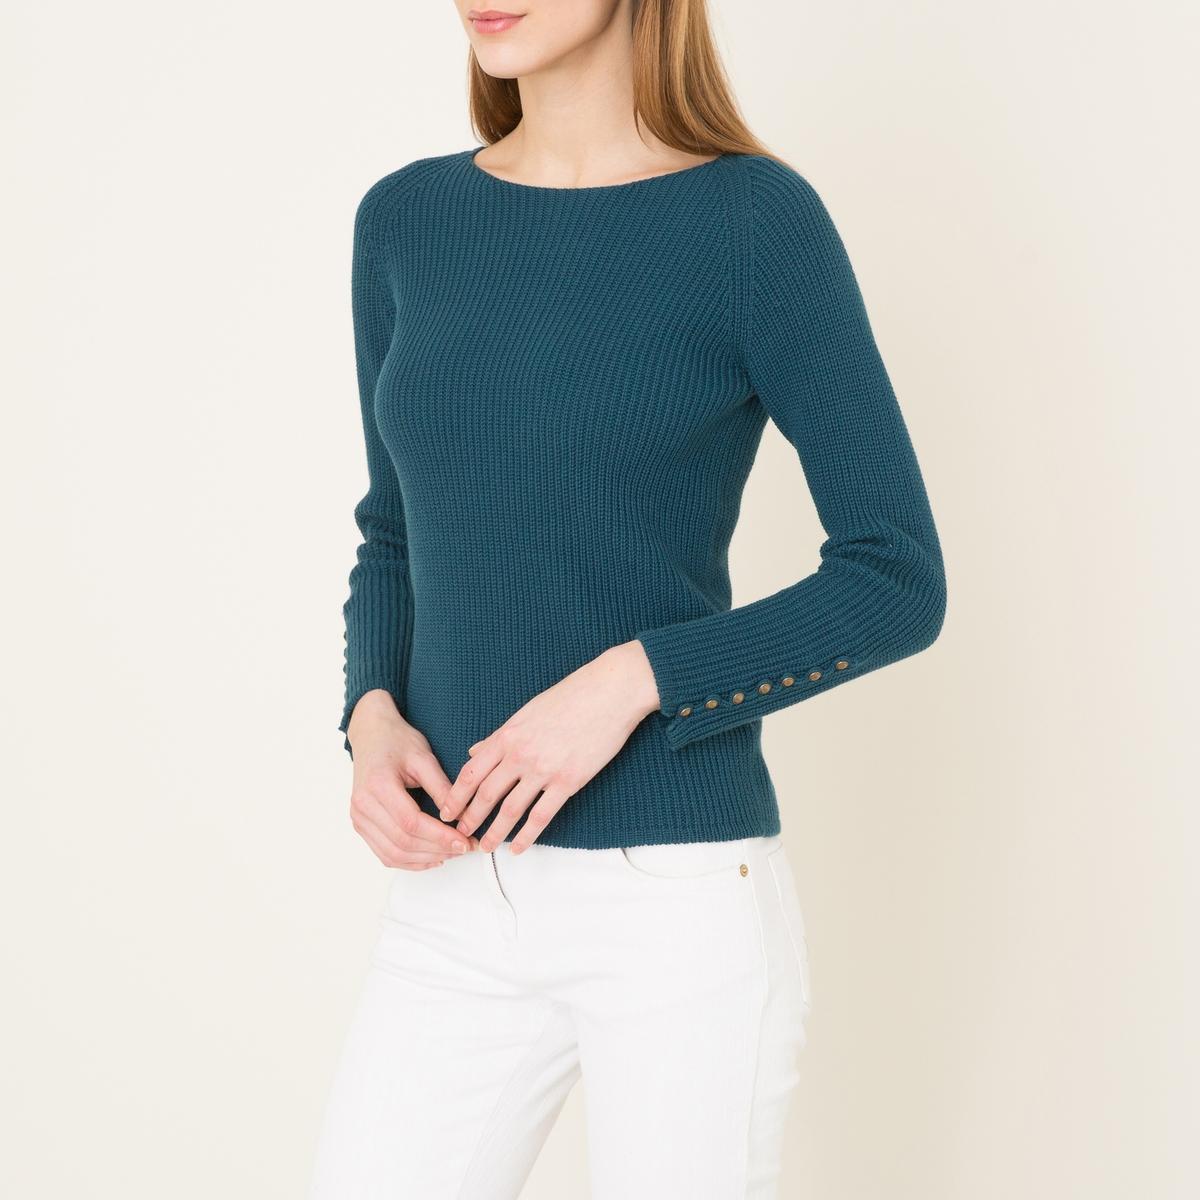 Пуловер BIWAПуловер SESSUN - модель BIWA из 90% хлопка, 10% кашемира. Вырез-лодочка. Трикотаж в рубчик. Рукава на пуговицах. Состав и описание   Материал : 90% хлопка, 10% кашемира    Марка :  SESSUN<br><br>Цвет: сине-зеленый